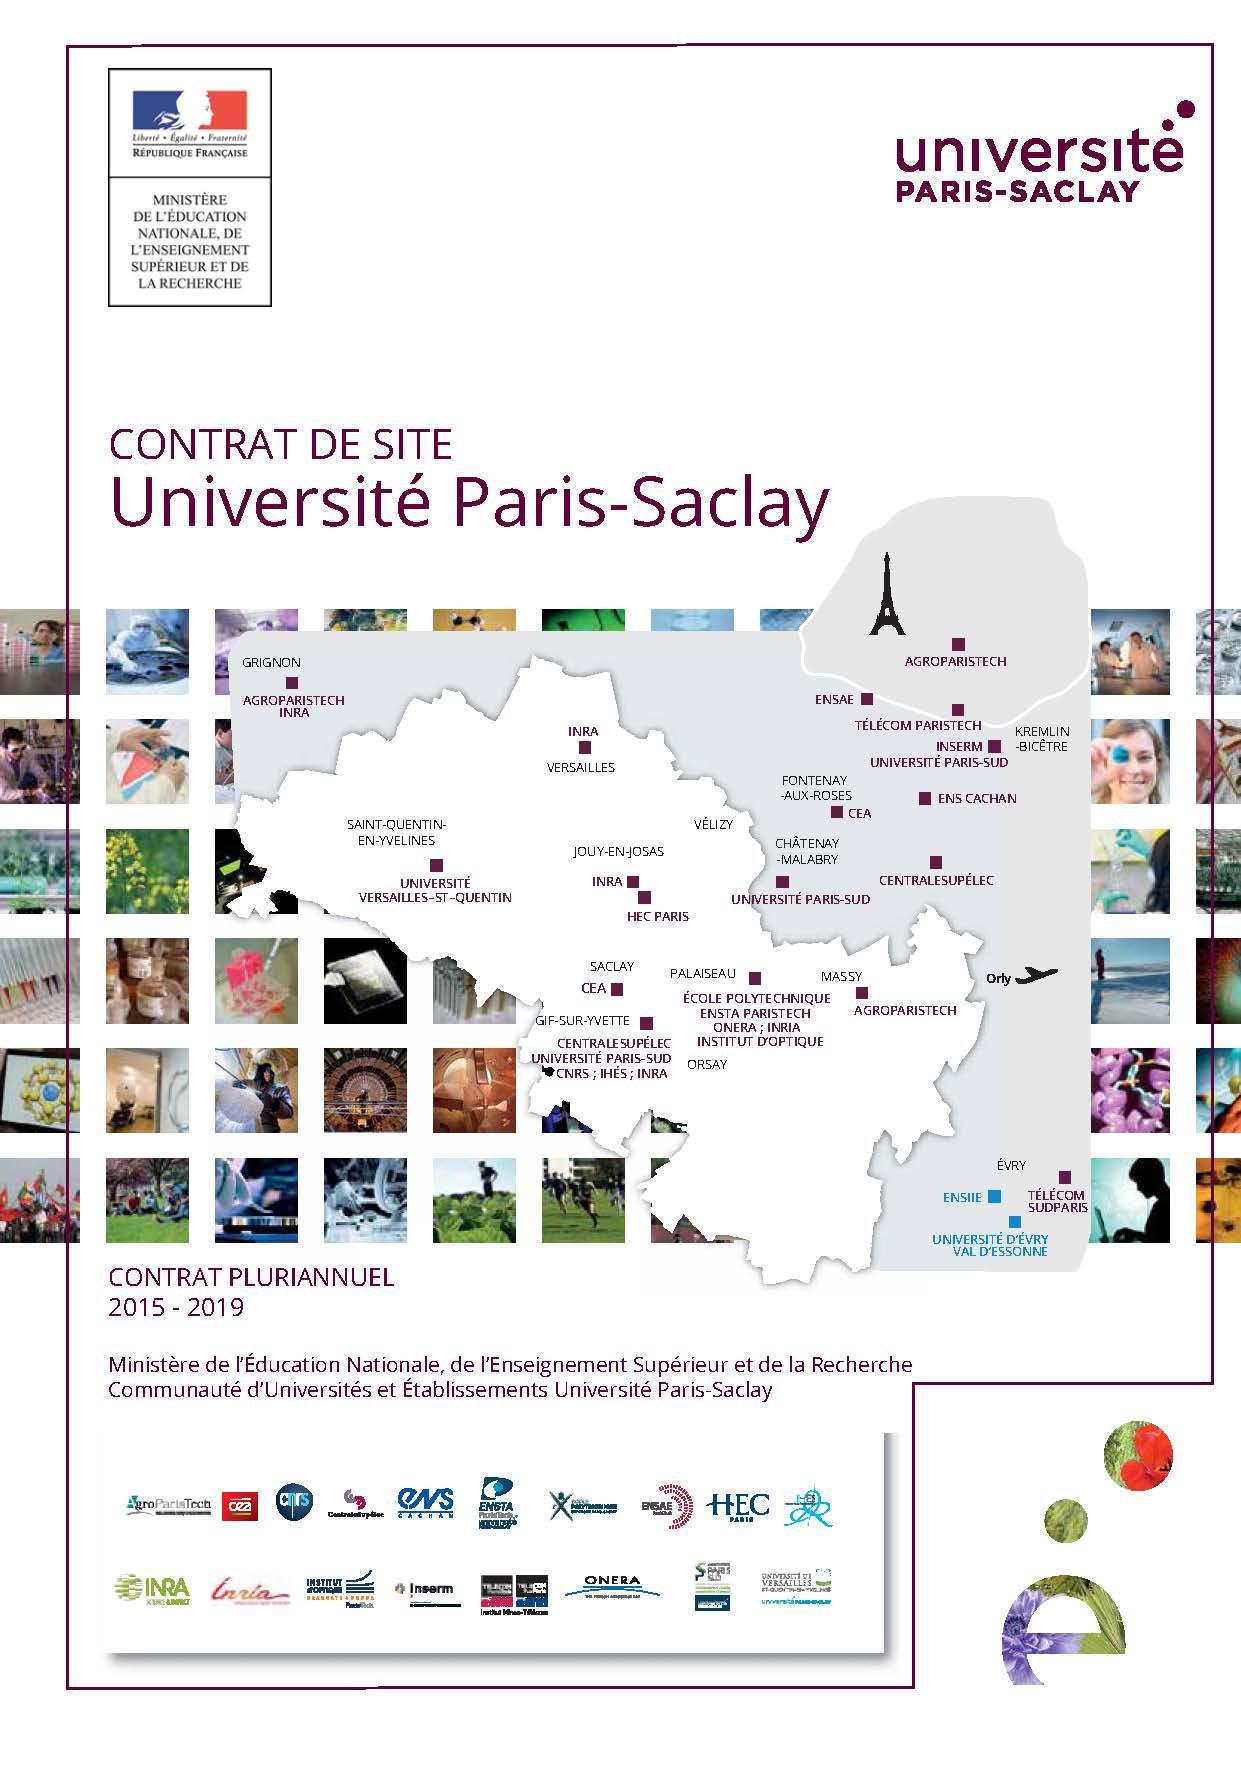 L'Université Paris-Saclay signe son contrat de site pour 2015-2019